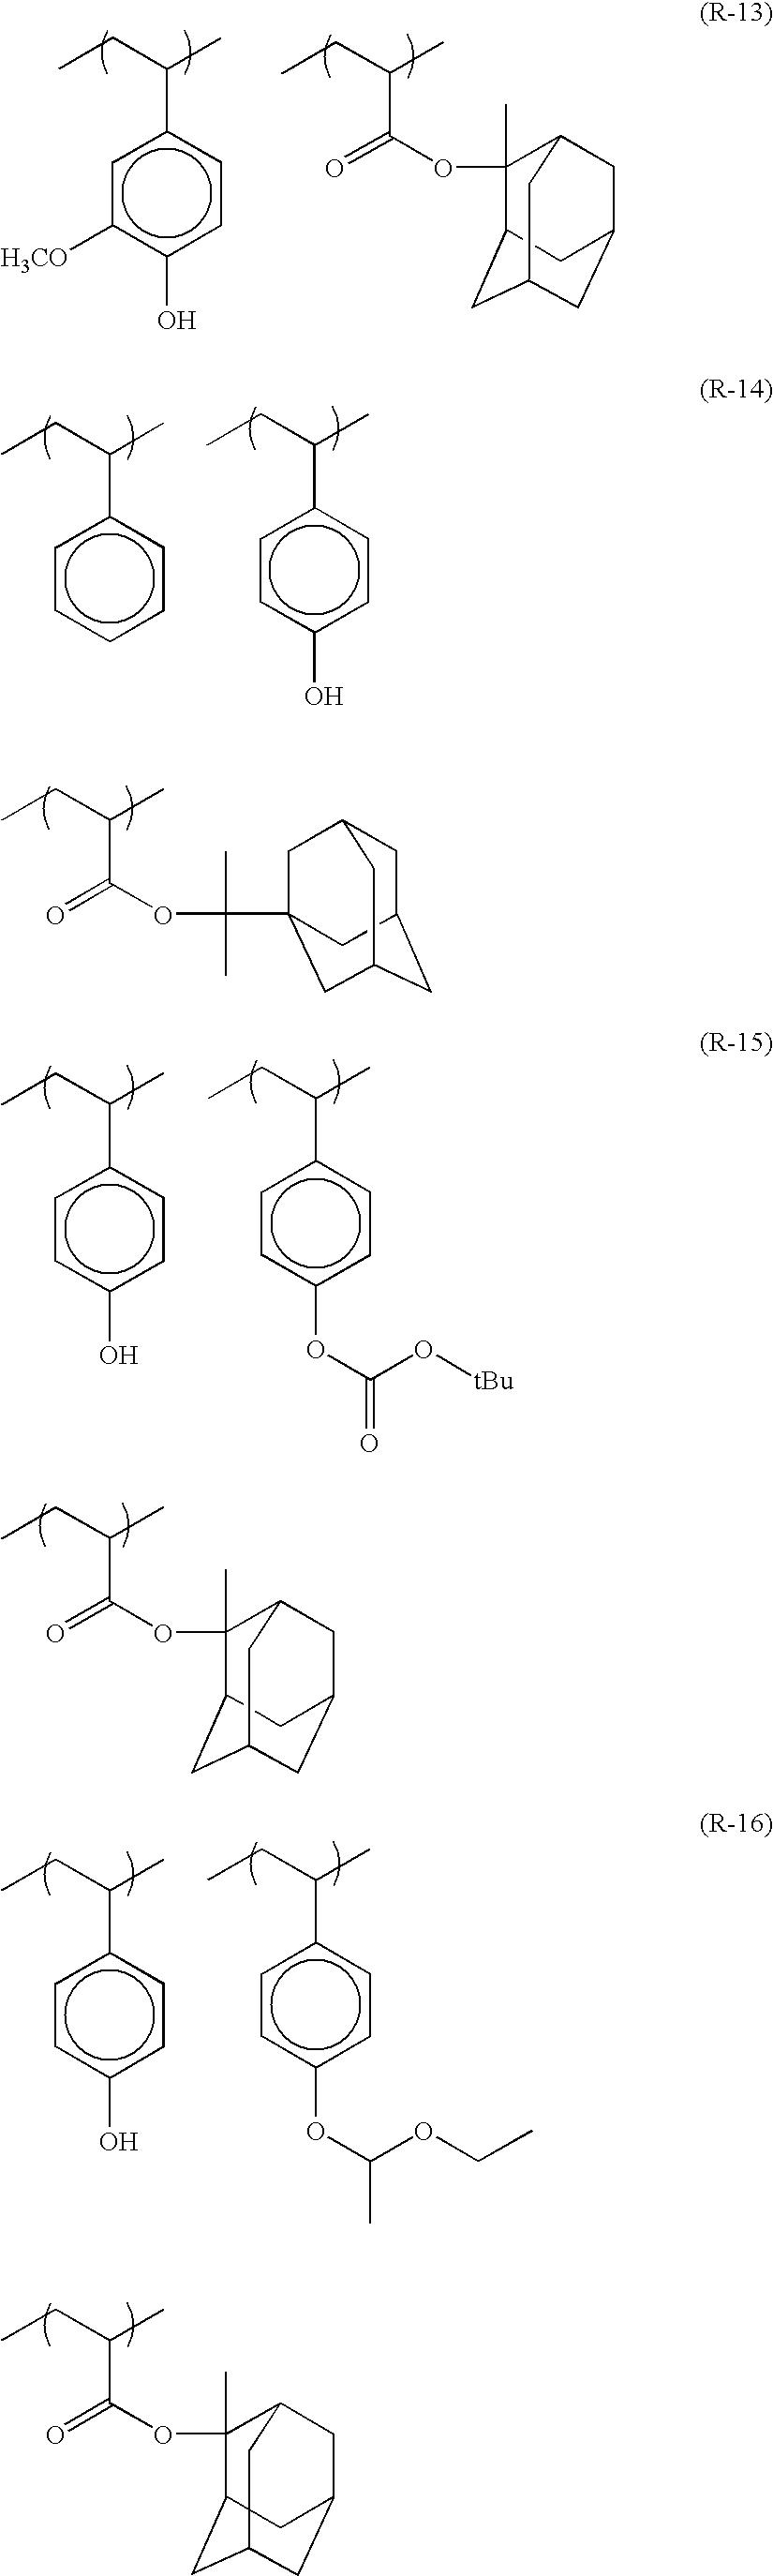 Figure US08637229-20140128-C00047